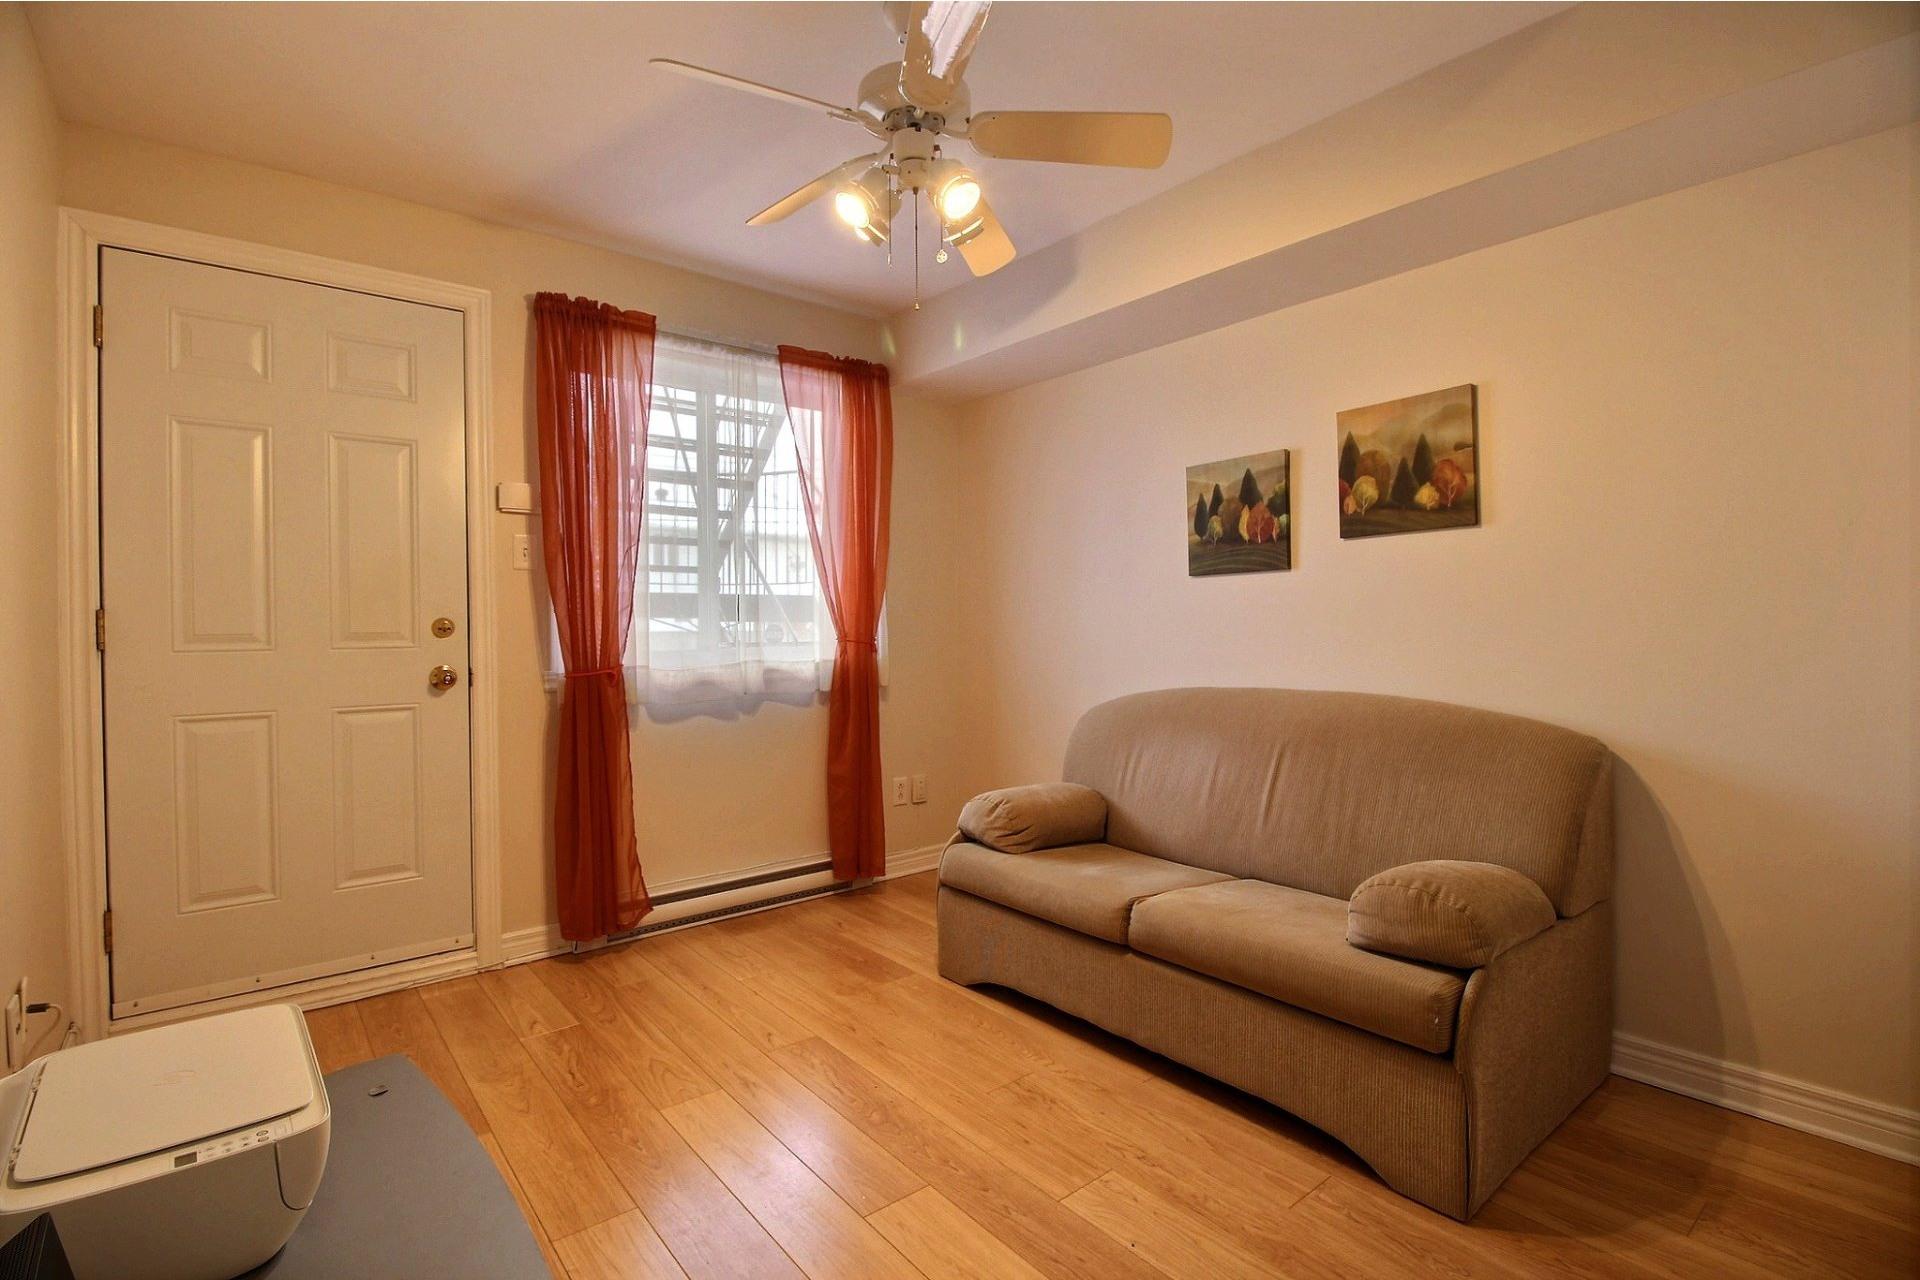 image 15 - Appartement À vendre Rivière-des-Prairies/Pointe-aux-Trembles Montréal  - 6 pièces